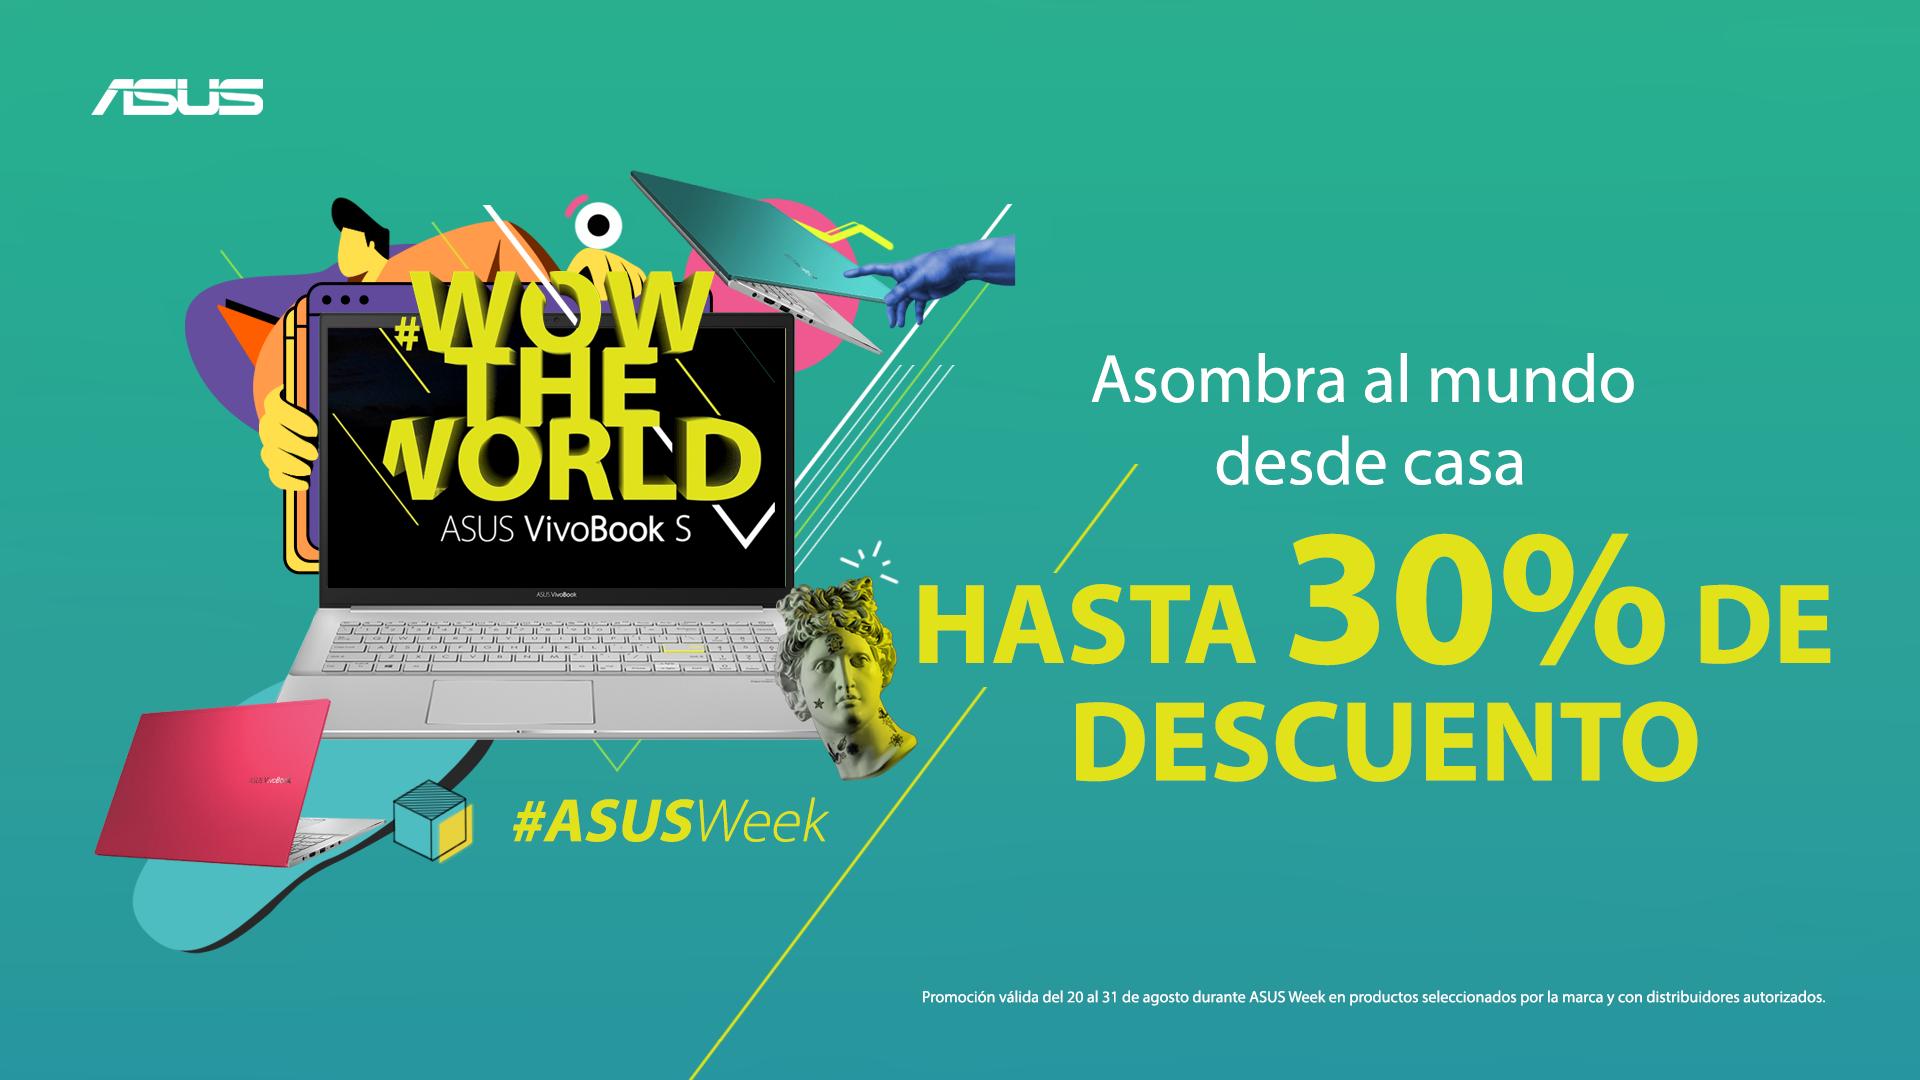 ASUS llega con grandes descuentos en laptops